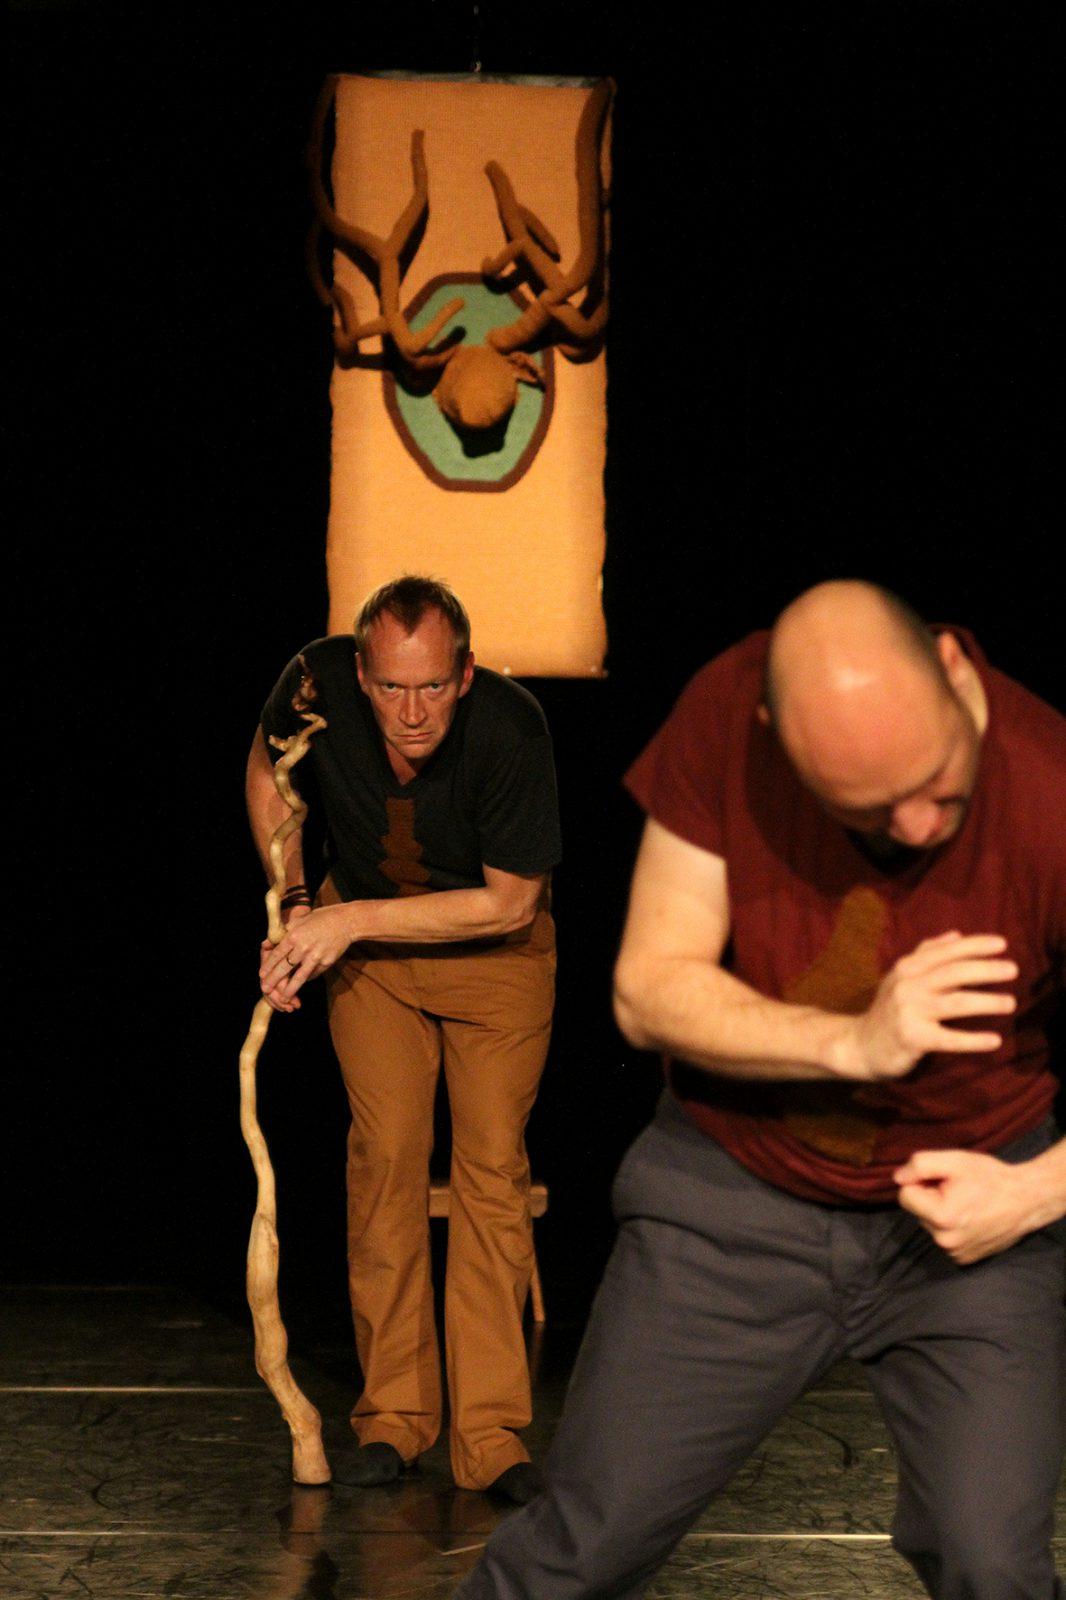 ein Mann mit einem Stock hinter einem anderen Tänzer